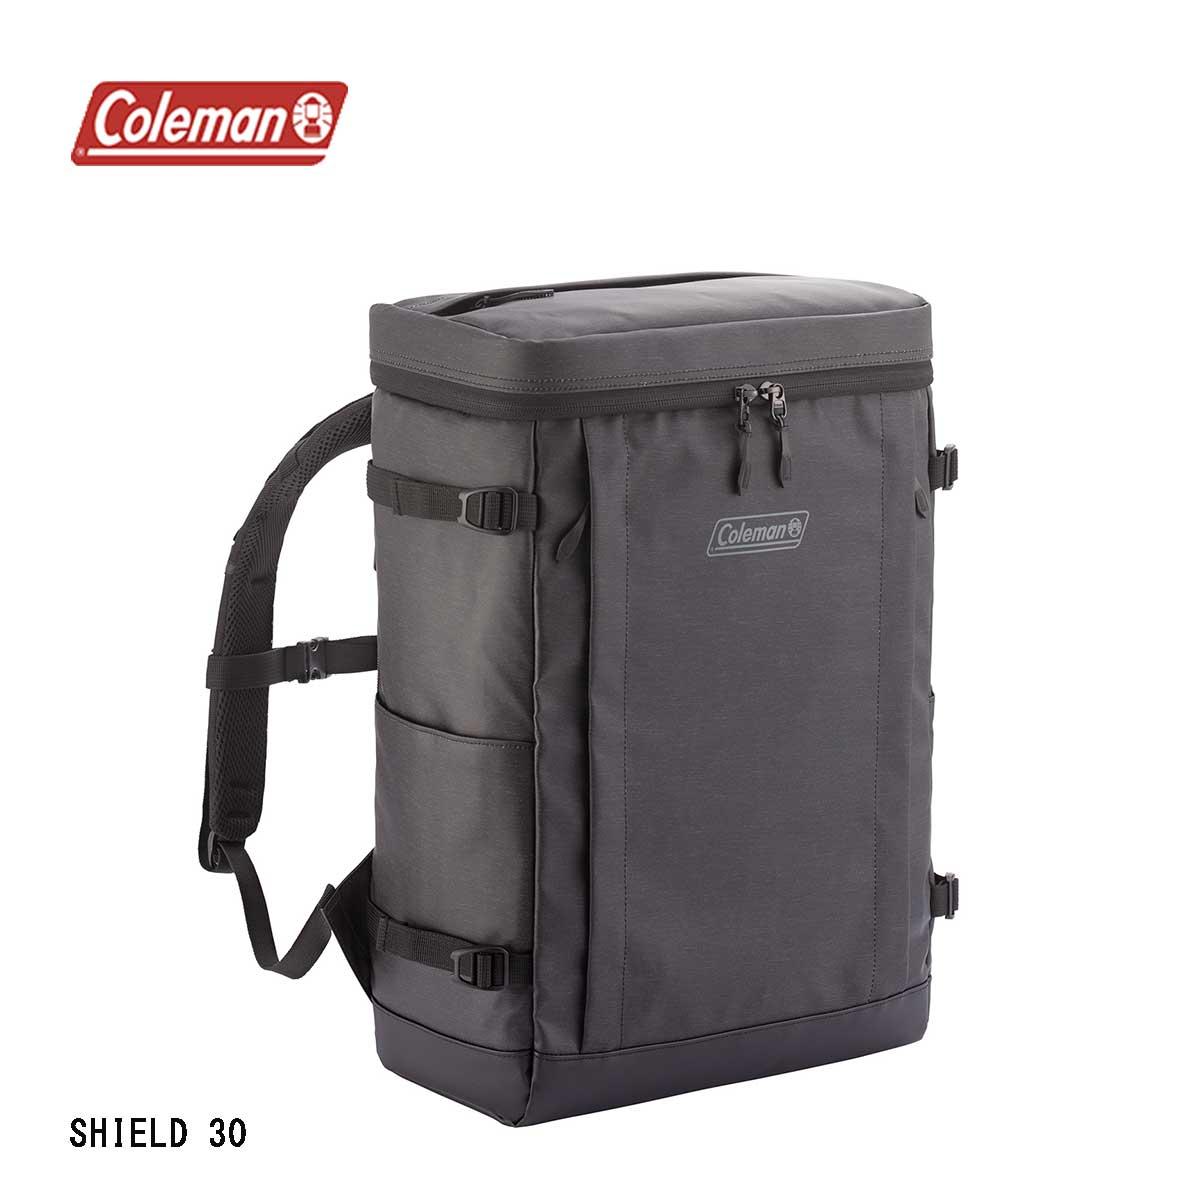 Coleman コールマン 大決算セール SHIELD30 シールド30 アウトドア ヘザーブラック リュックサック リュック 防水 送料無料 30L メンズ デイパック 撥水 耐水 秀逸 レディース